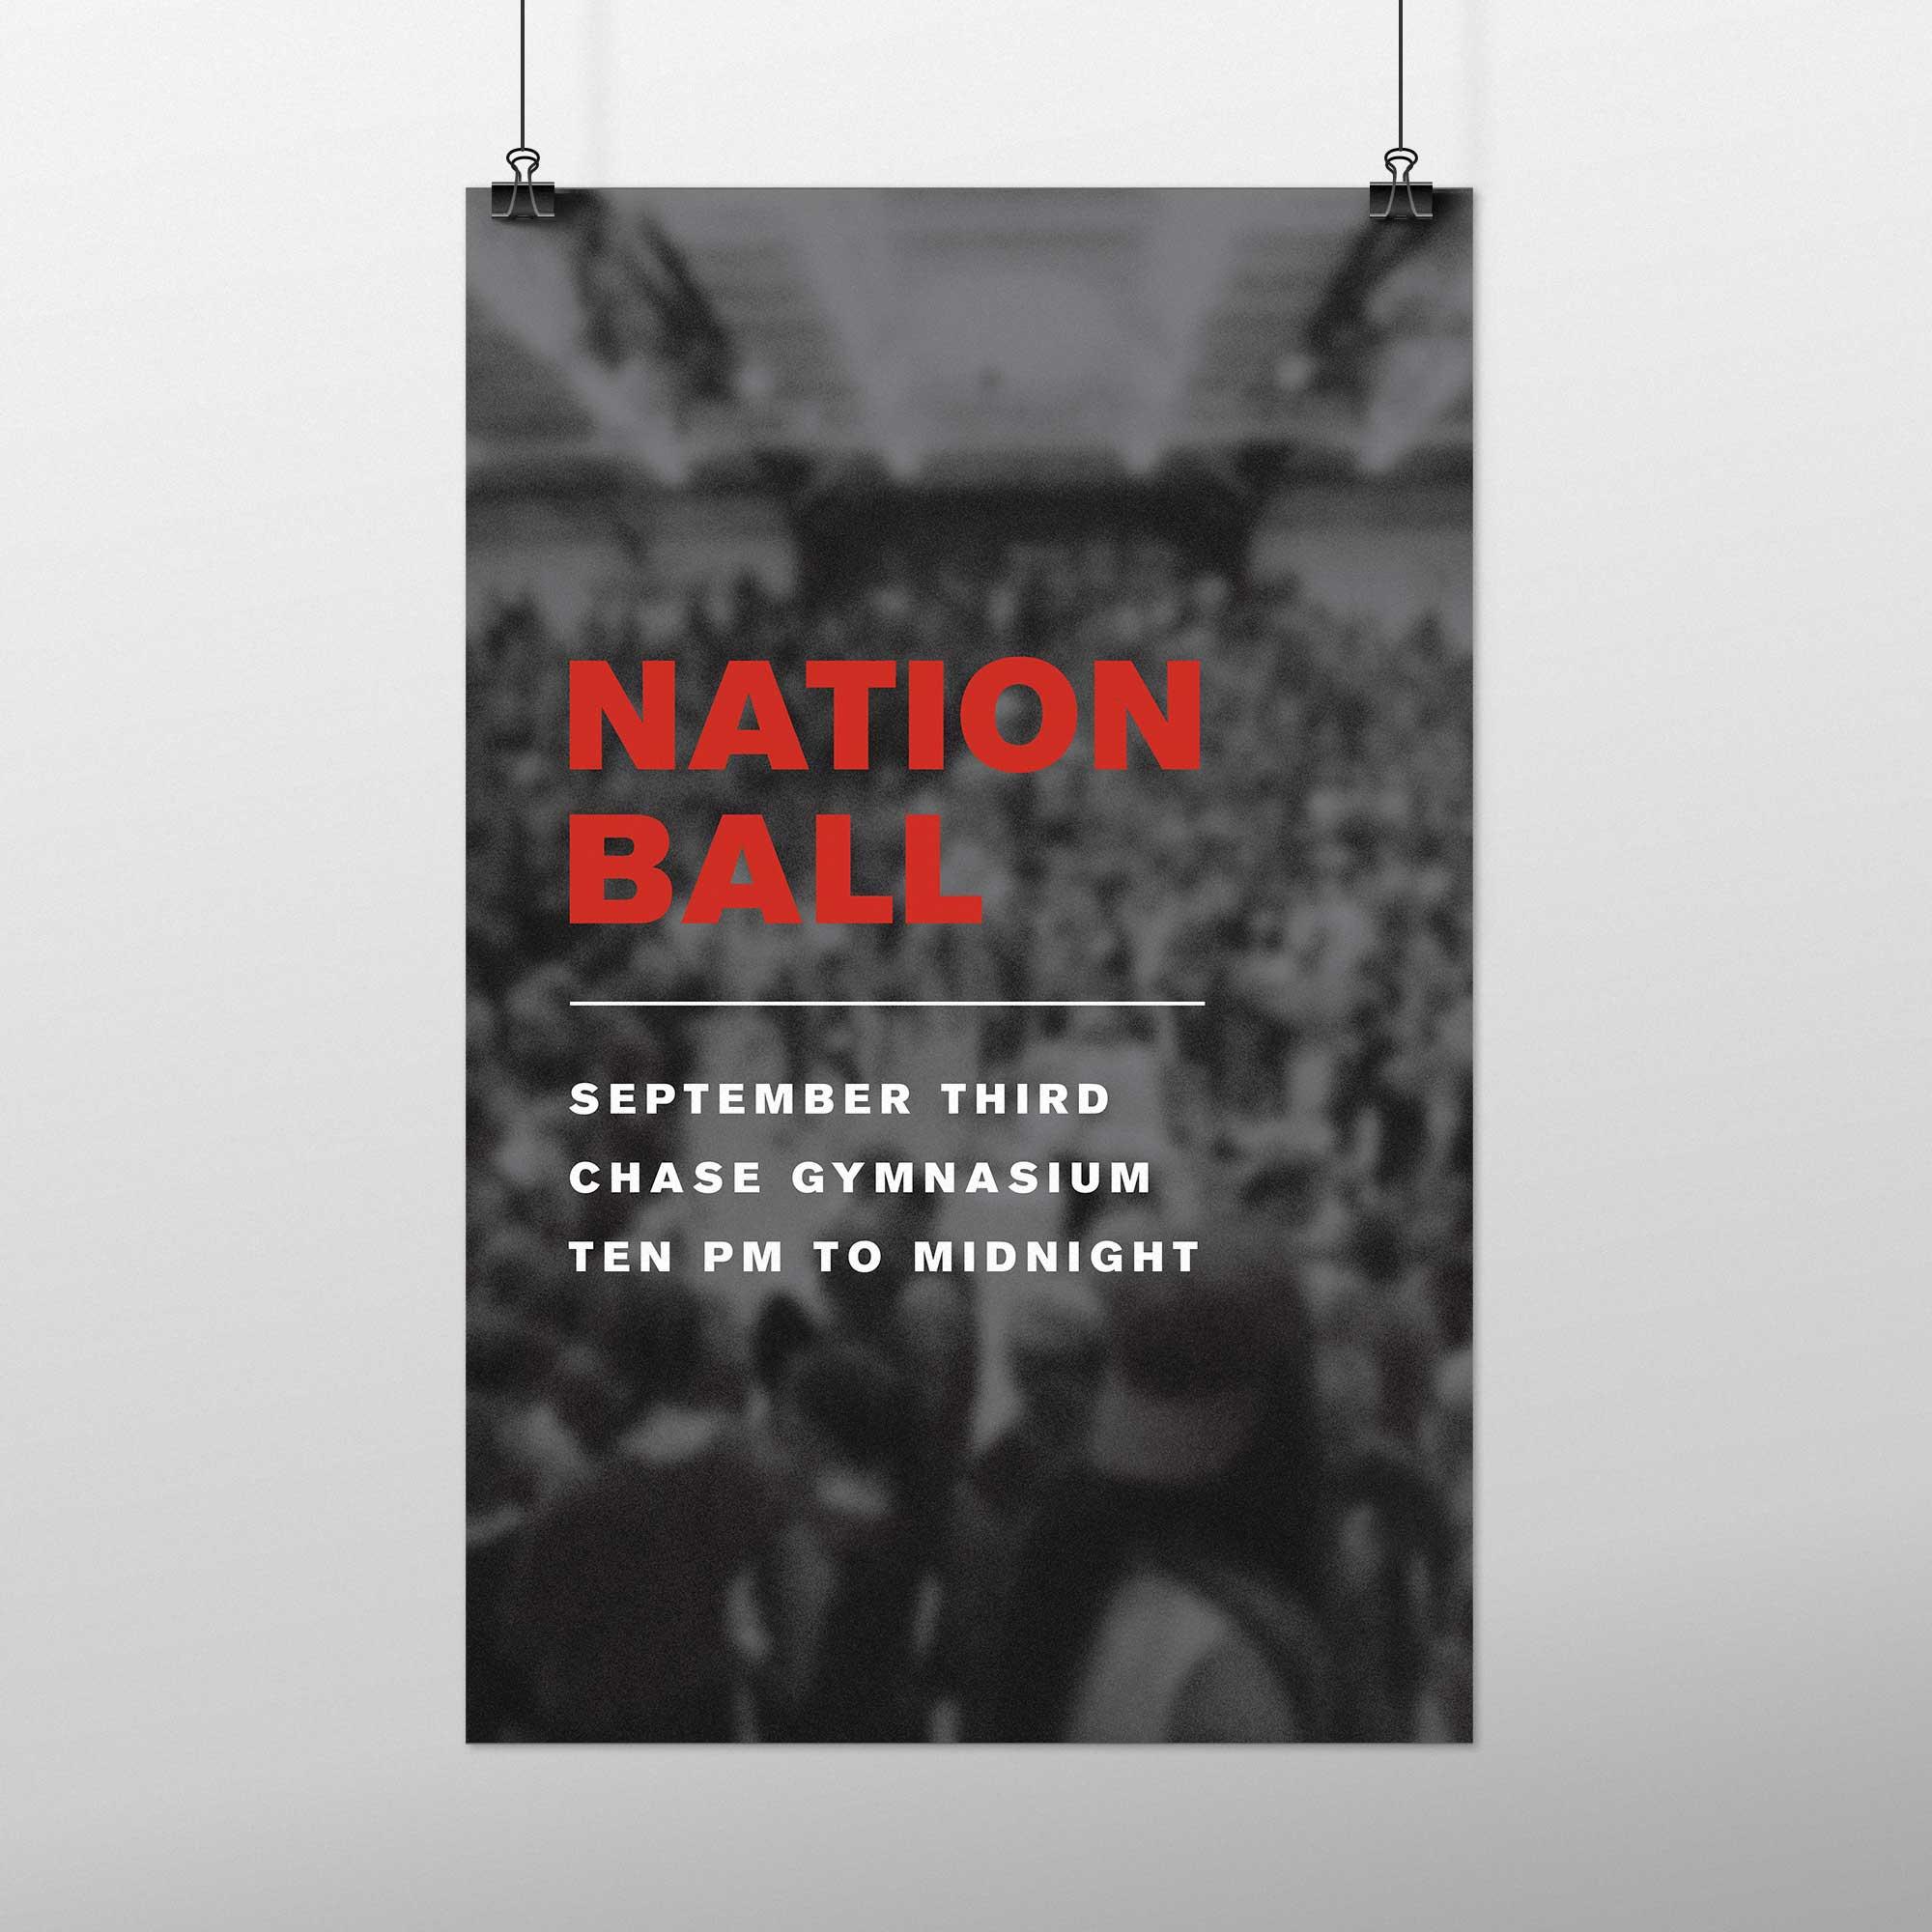 NationBall.jpg